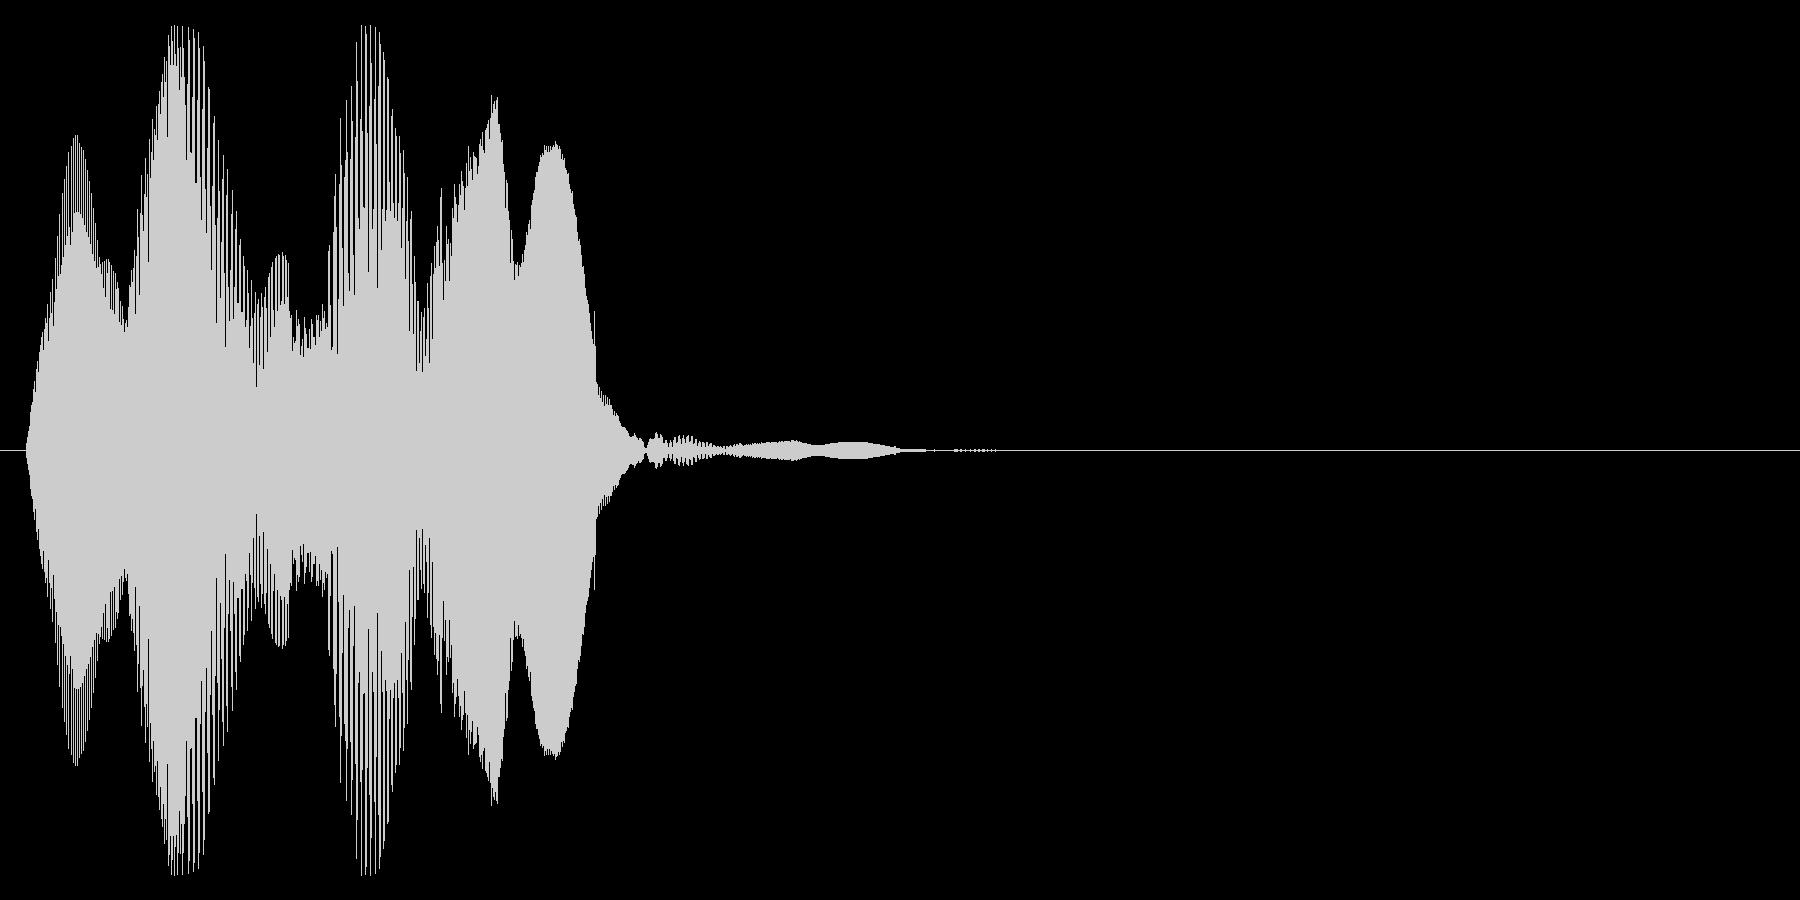 プルン3_ぷにぷにした感触の音の未再生の波形